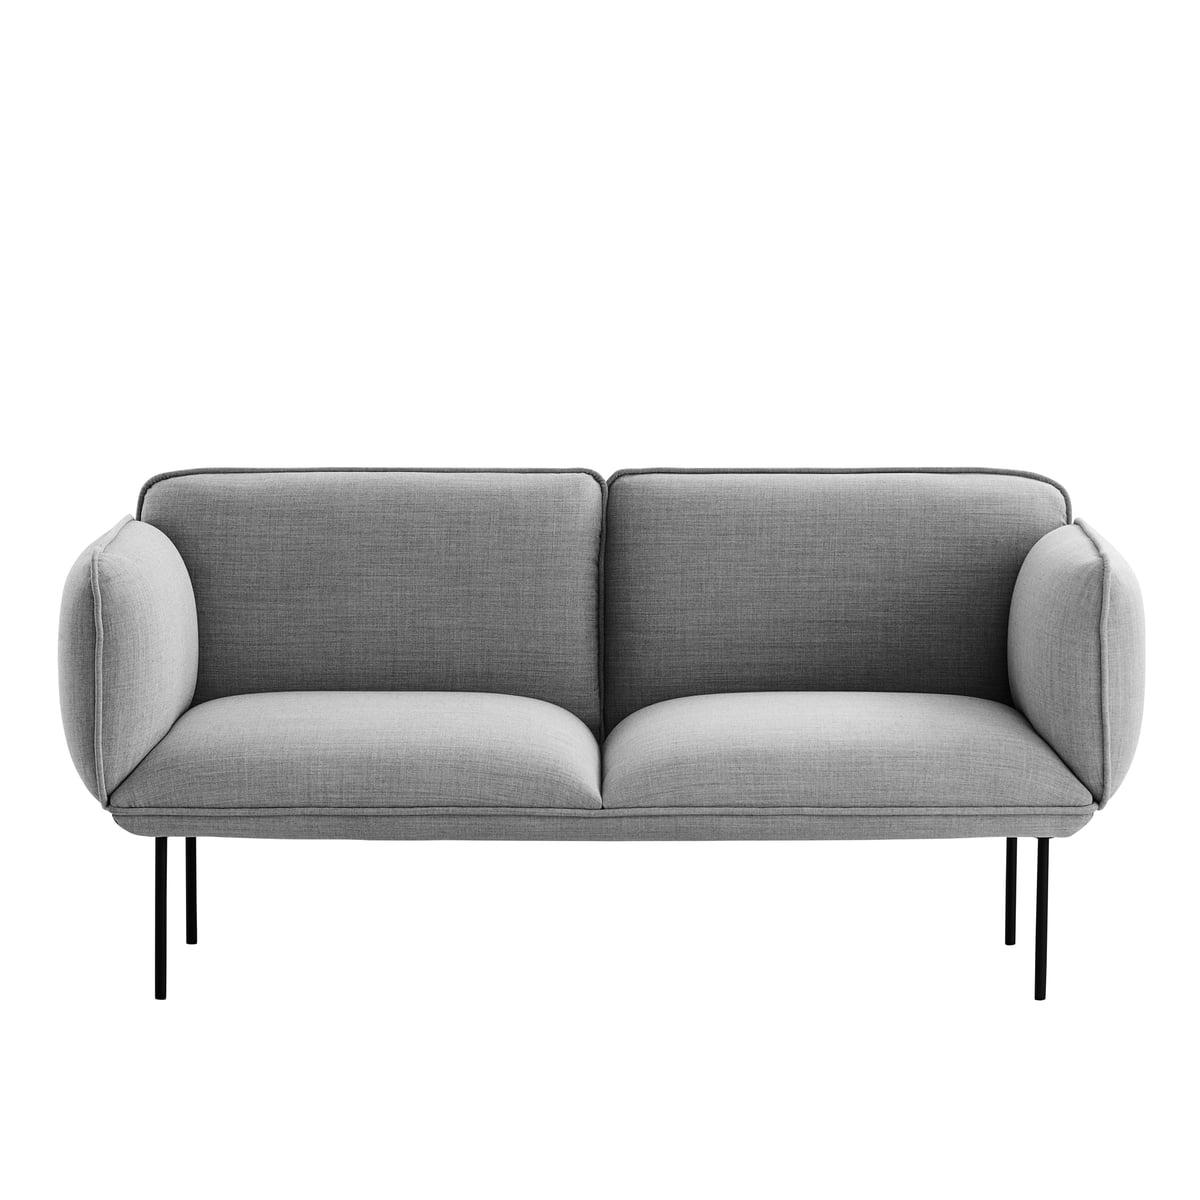 Full Size of 2 Sitzer Sofa Nakki Von Woud Connox 2m X Bett 140x200 Poco Halbrundes überzug Günstiges Halbrund Modernes Betten Günstig Kaufen 180x200 Kinderzimmer Mit Sofa 2 Sitzer Sofa